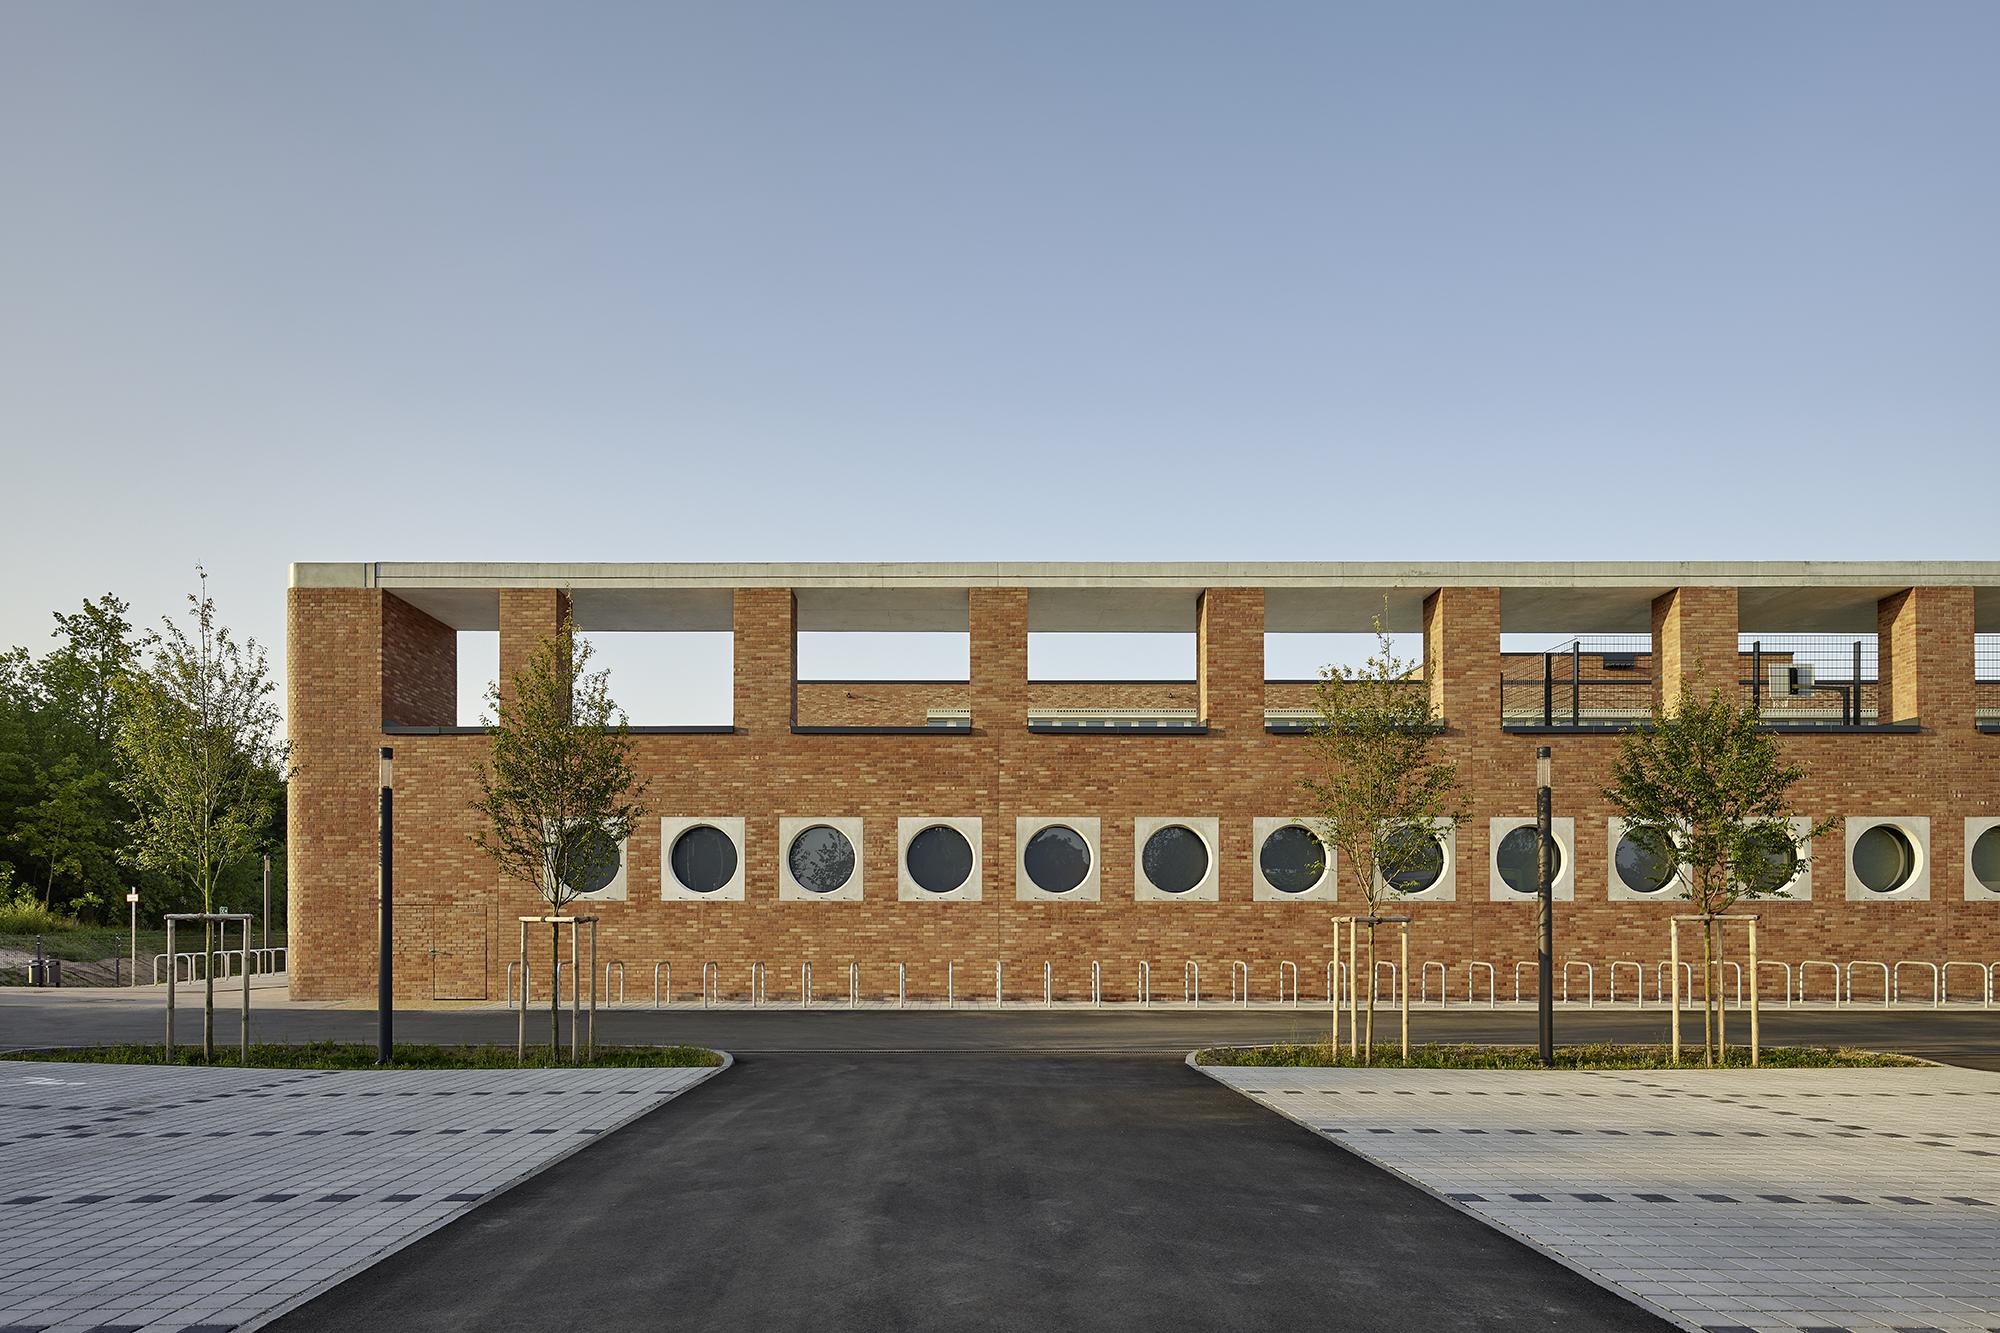 Johann Pachelbel Realschule/Staatliche Fachoberschule II, By Lederer  Ragnarsdóttir Oei Architekten | Architect Magazine | Lederer Ragnarsdóttir  Oei ...